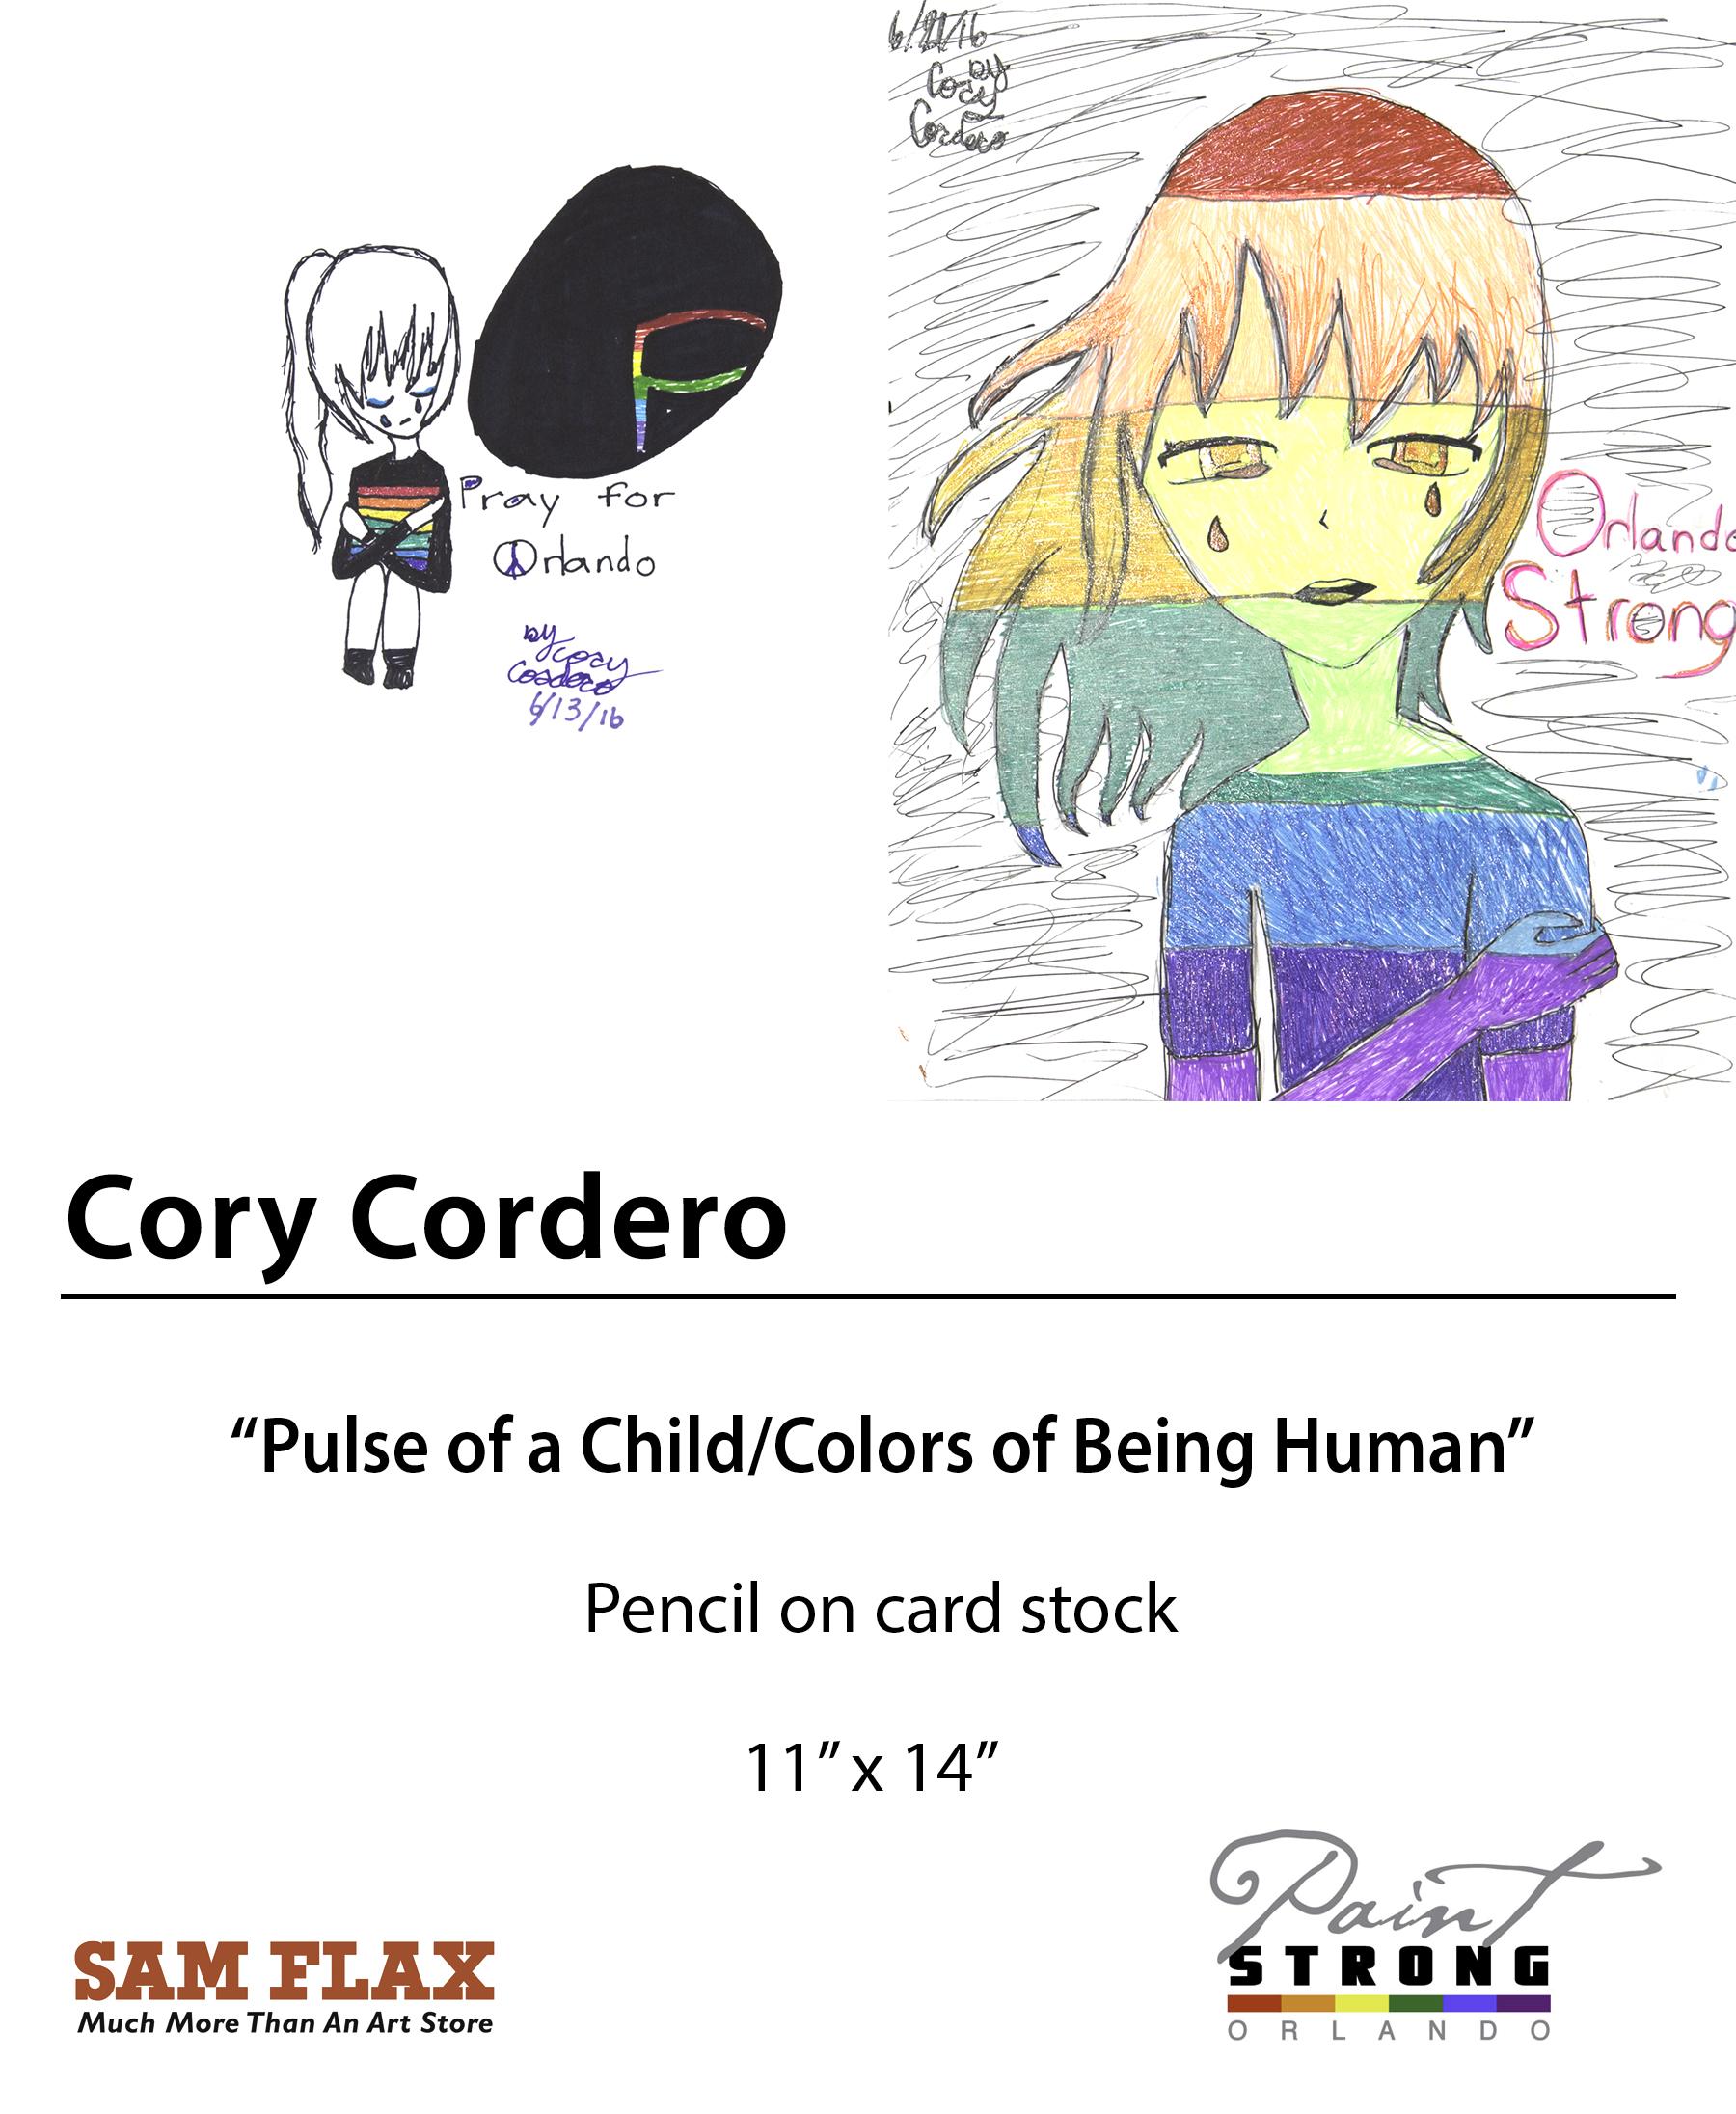 Cory Cordero